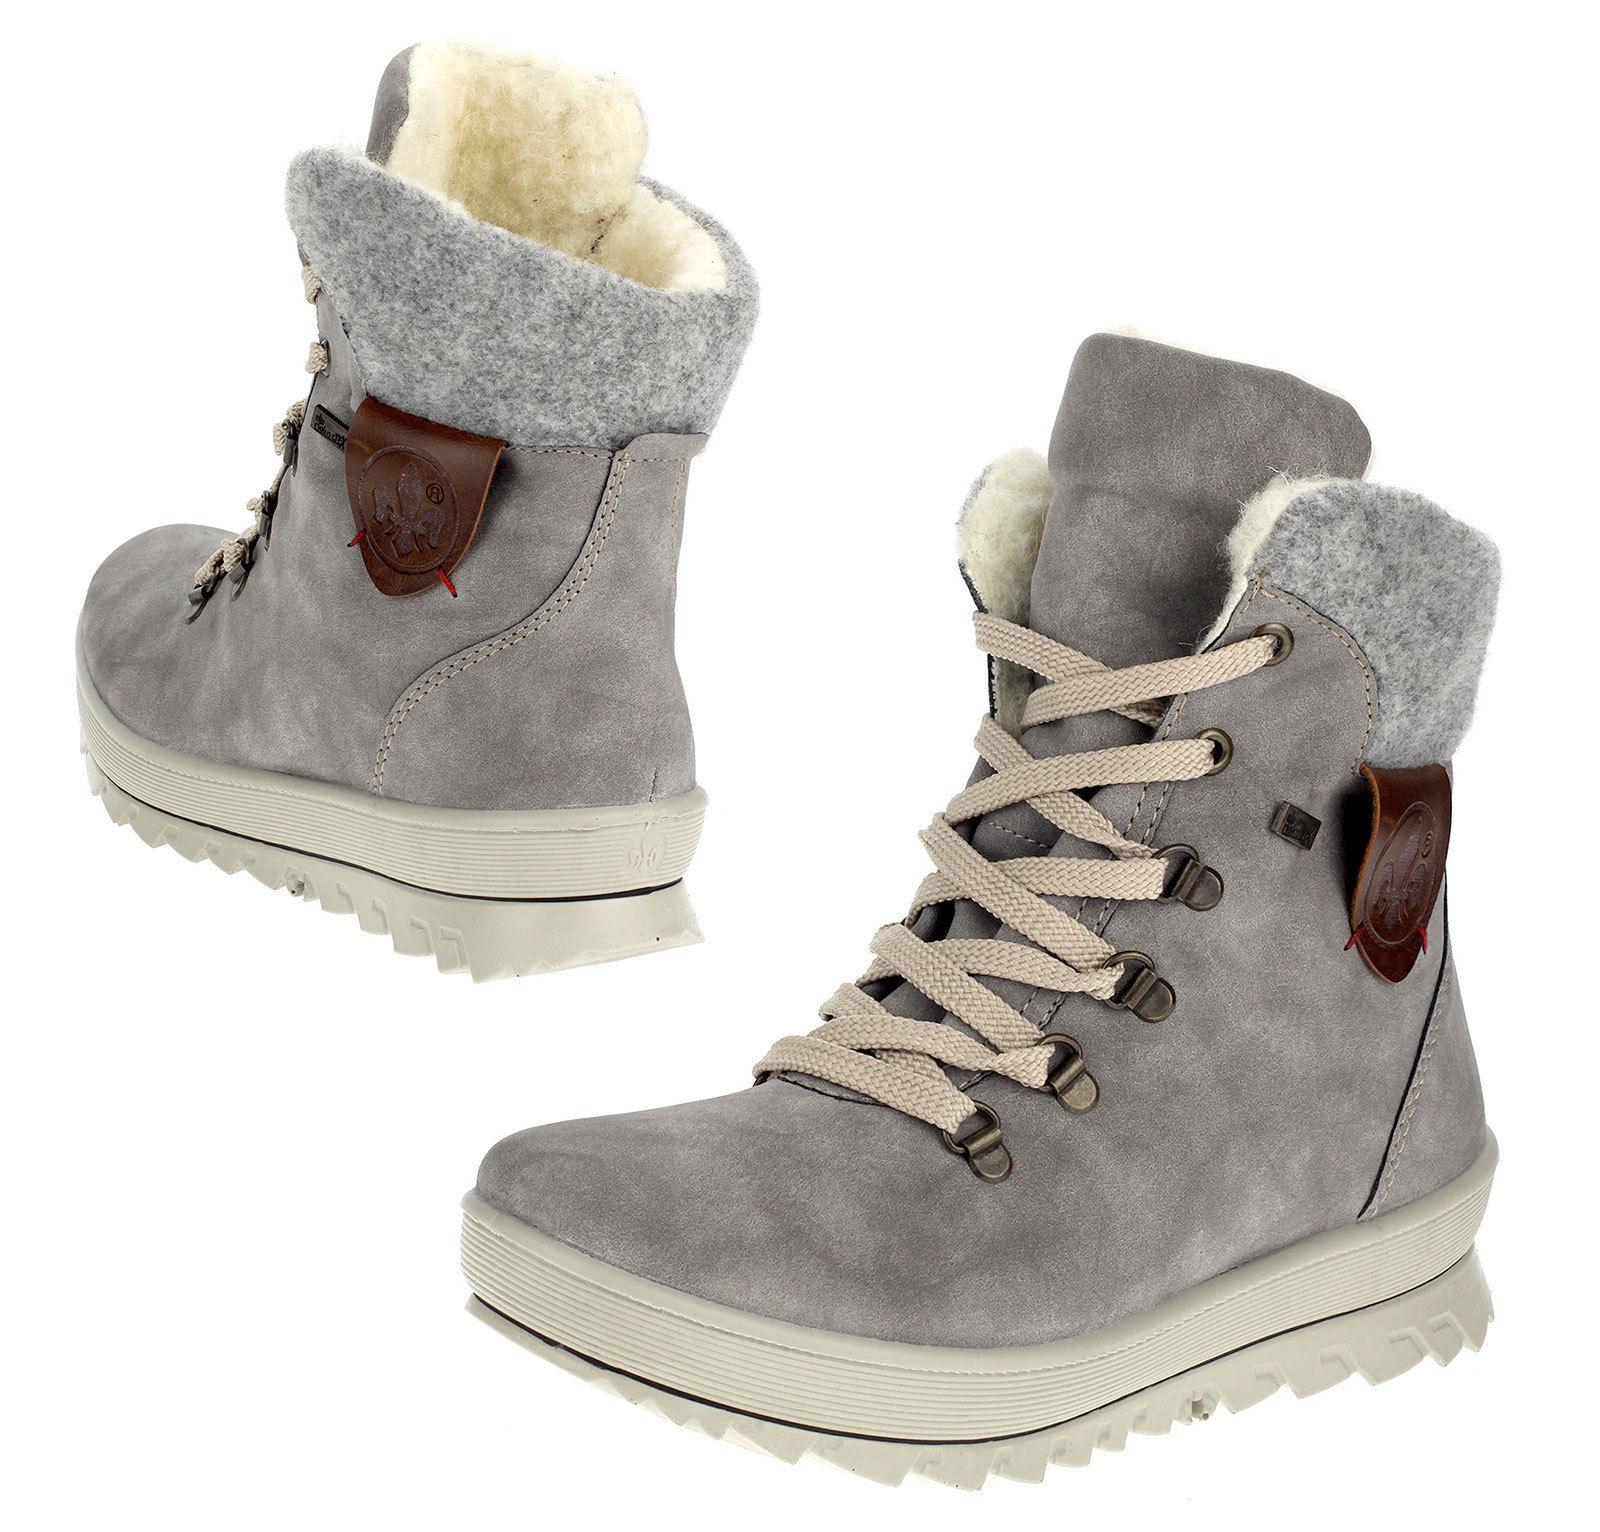 Details zu Rieker TEX Boots Damen Stiefeletten Grau Lammwolle Warmfutter Y4331 40